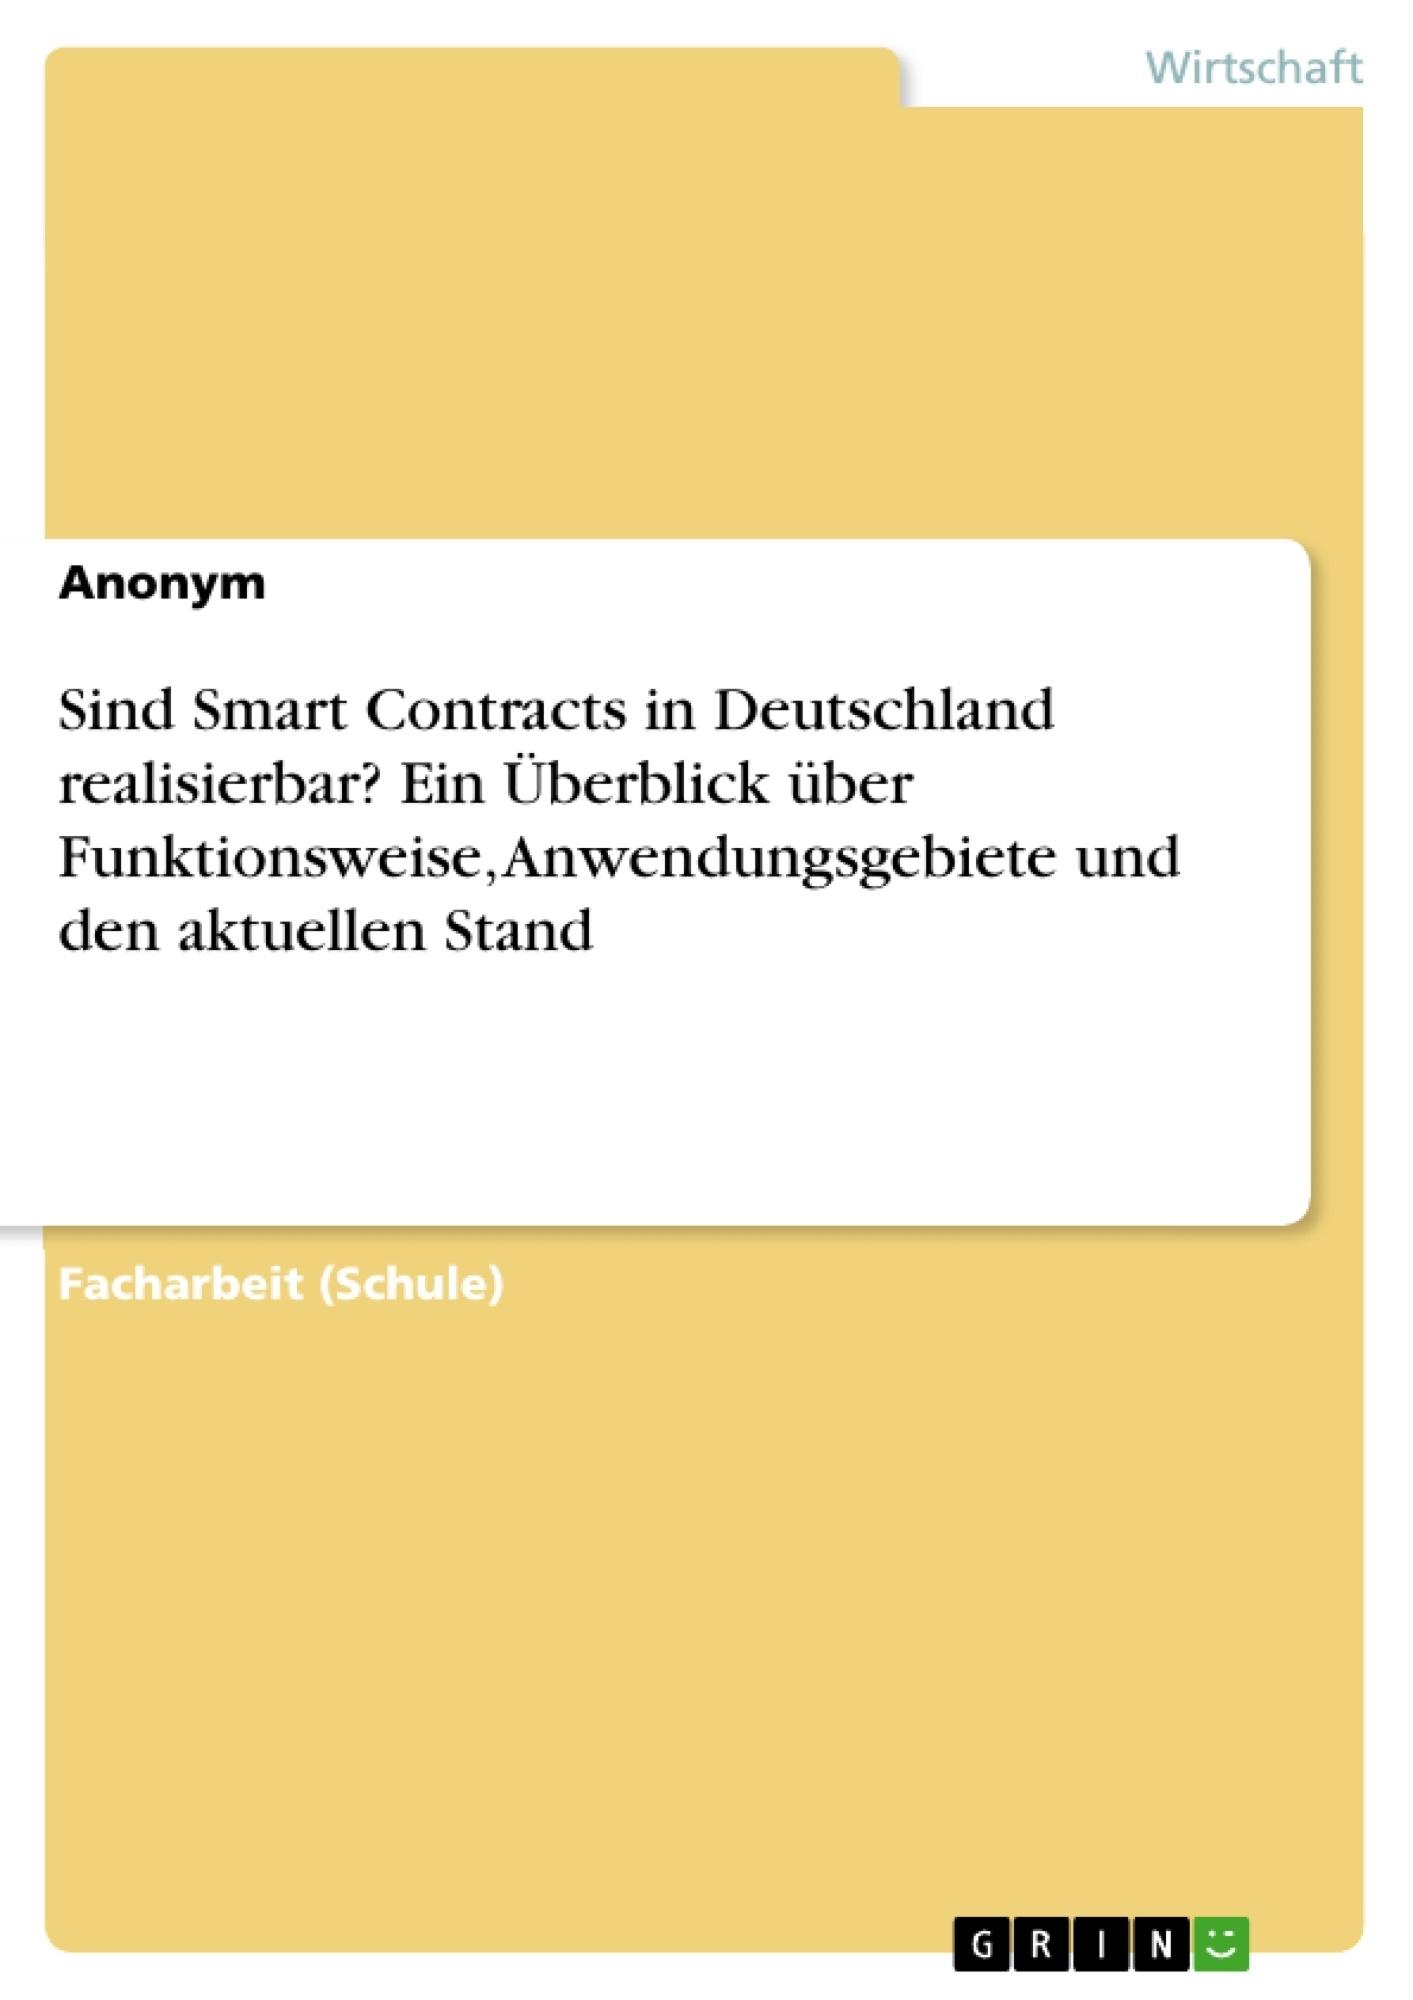 Titel: Sind Smart Contracts in Deutschland realisierbar? Ein Überblick über Funktionsweise, Anwendungsgebiete und den aktuellen Stand